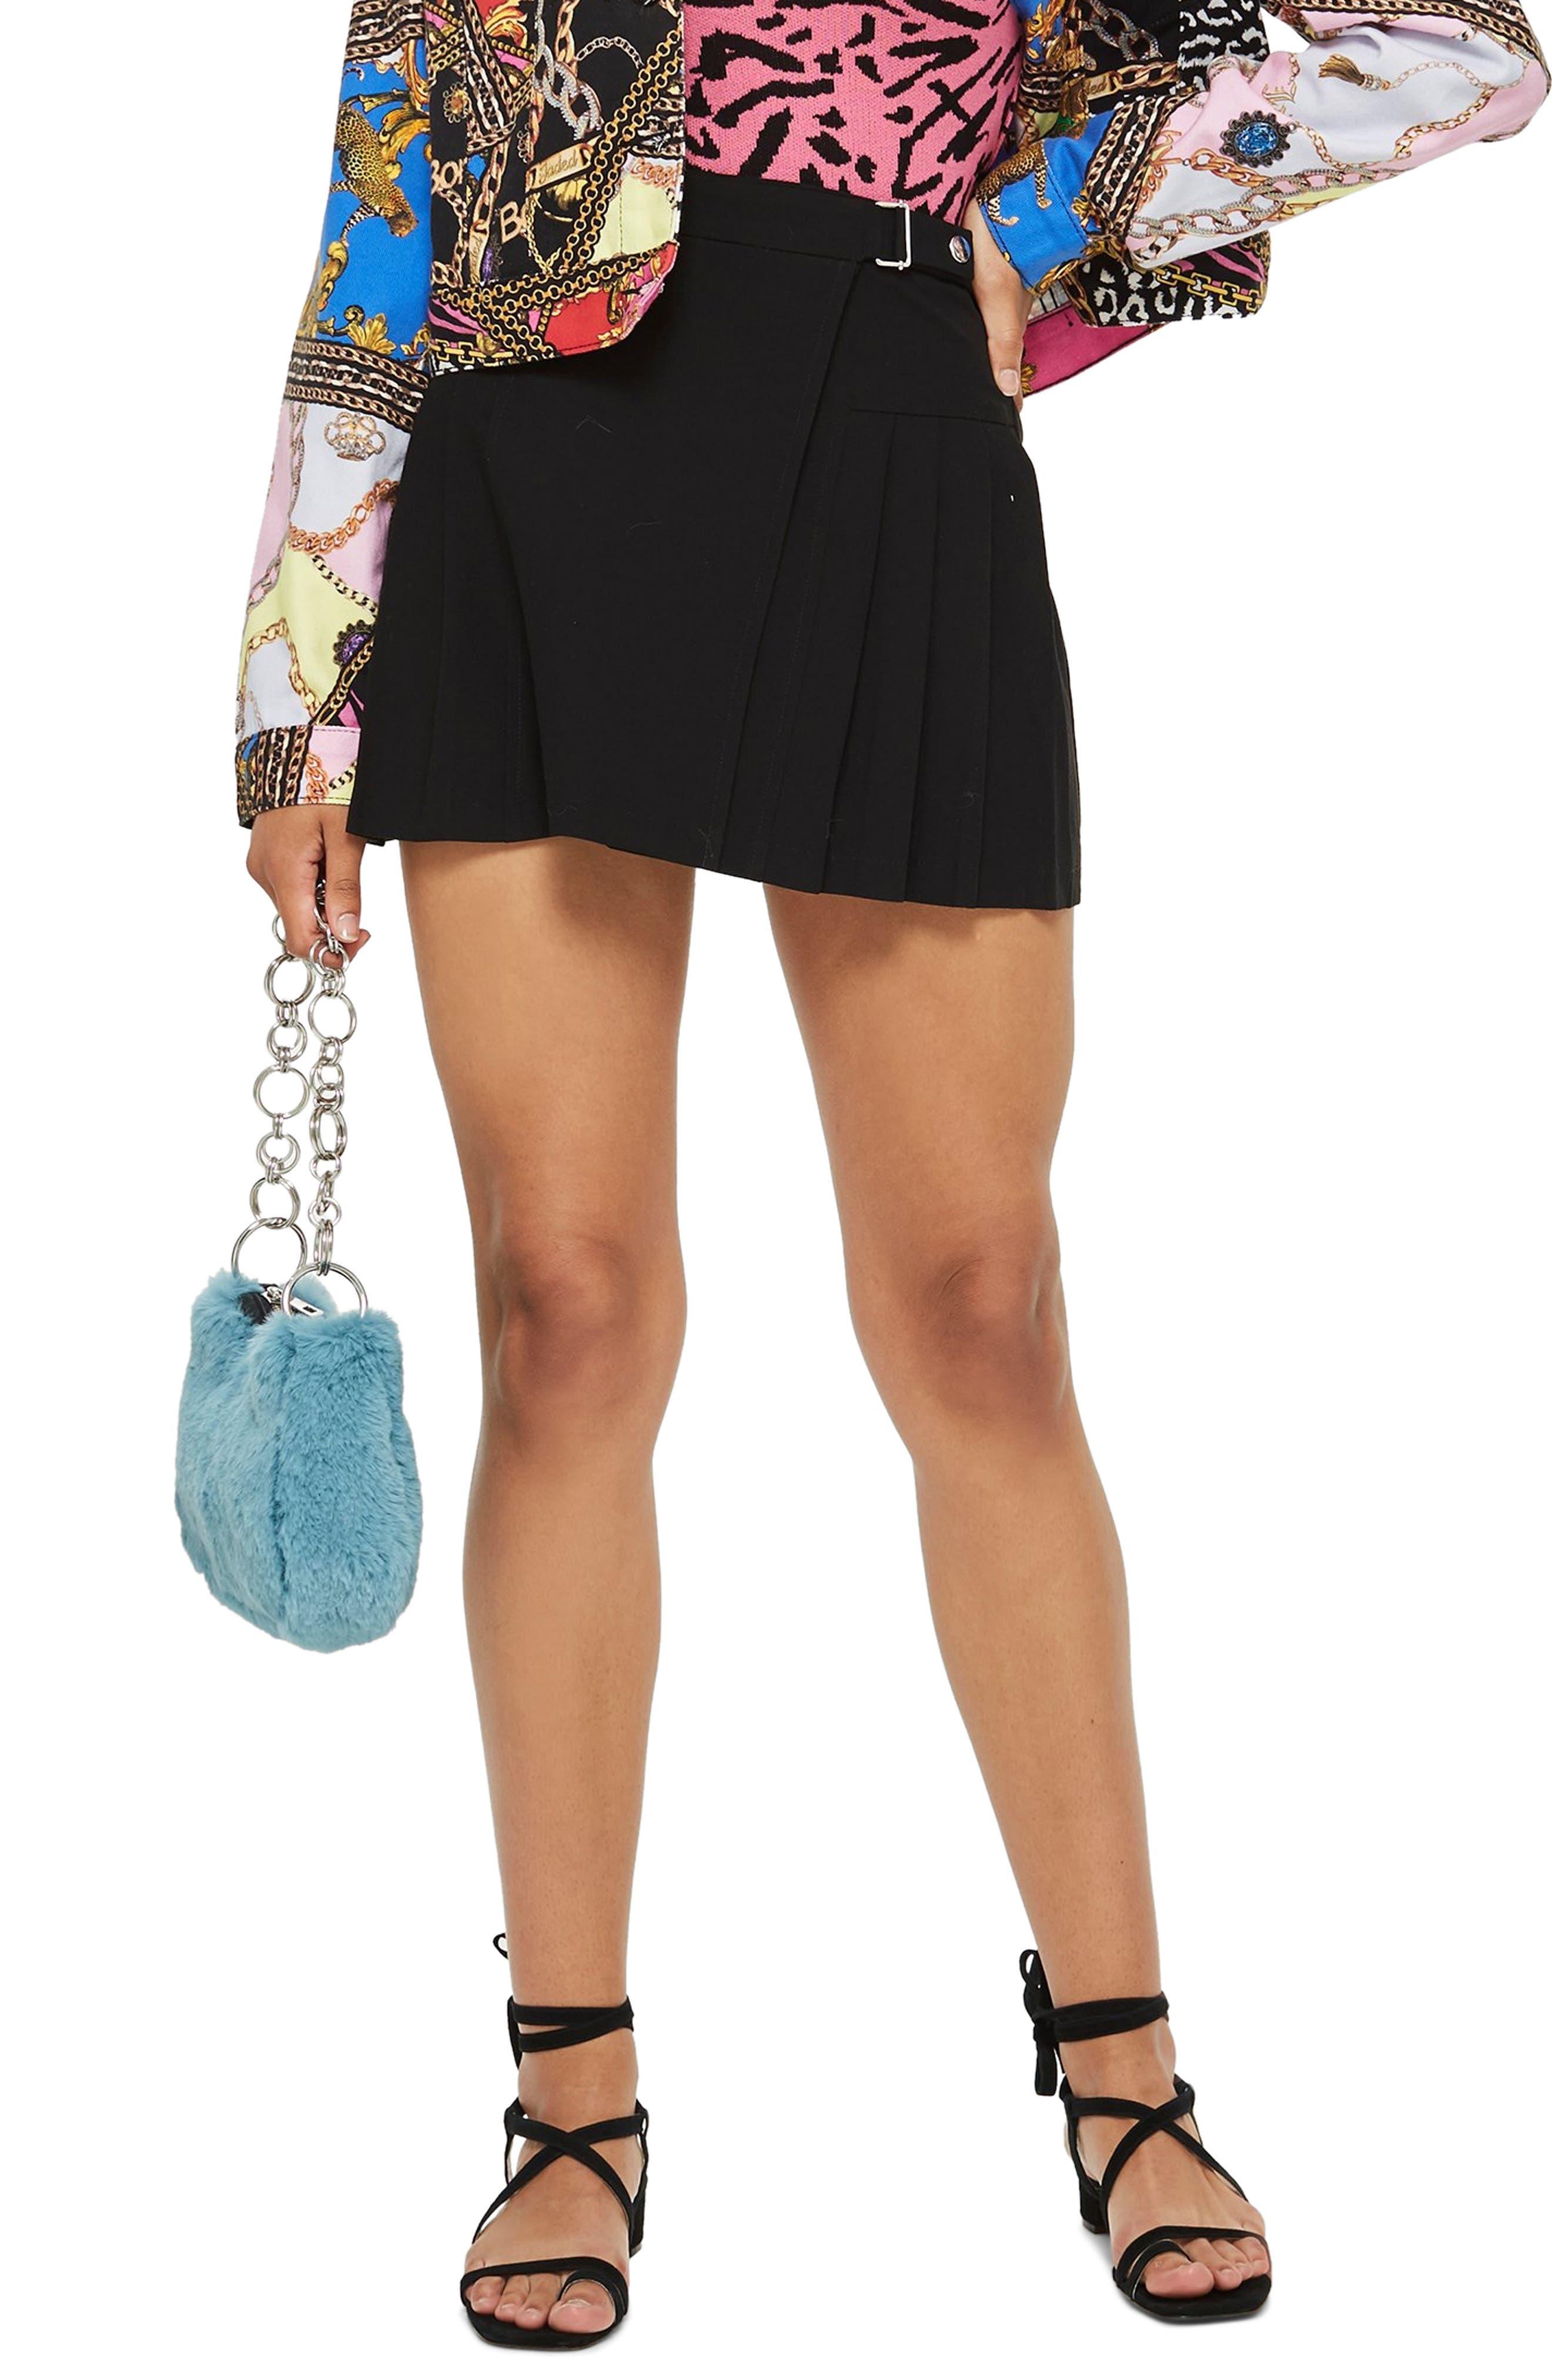 Petite Topshop Petite Popper Tab Kilt Skirt, P US (fits like 6-8P) - Black